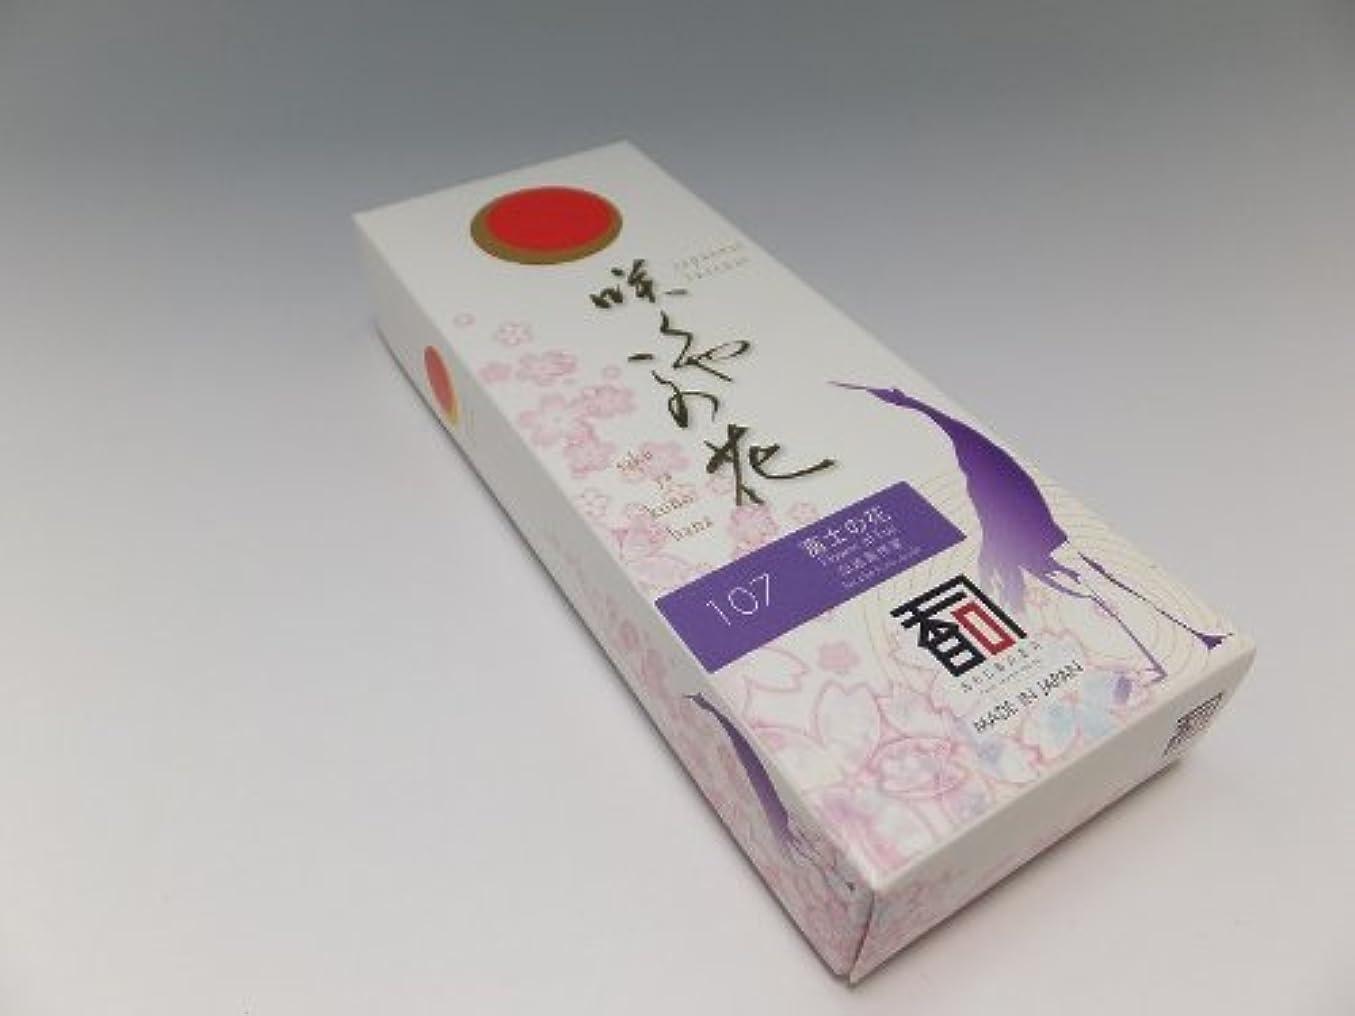 相談笑食用「あわじ島の香司」 日本の香りシリーズ  [咲くや この花] 【107】 富士の花 (煙少)